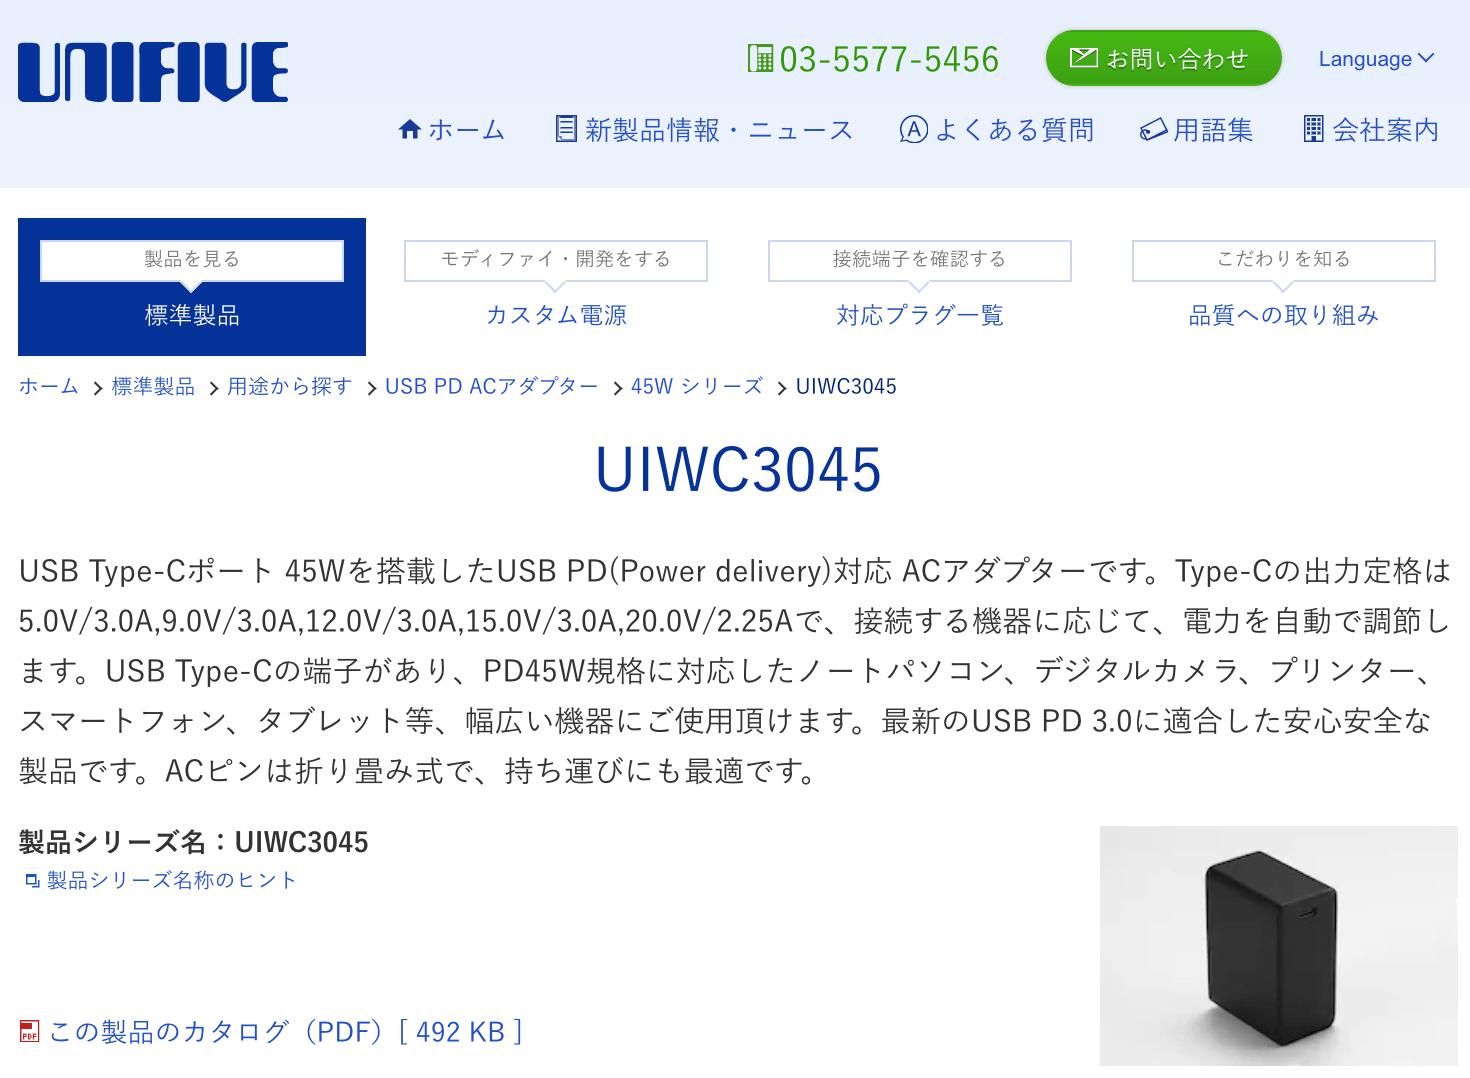 UIWC3045